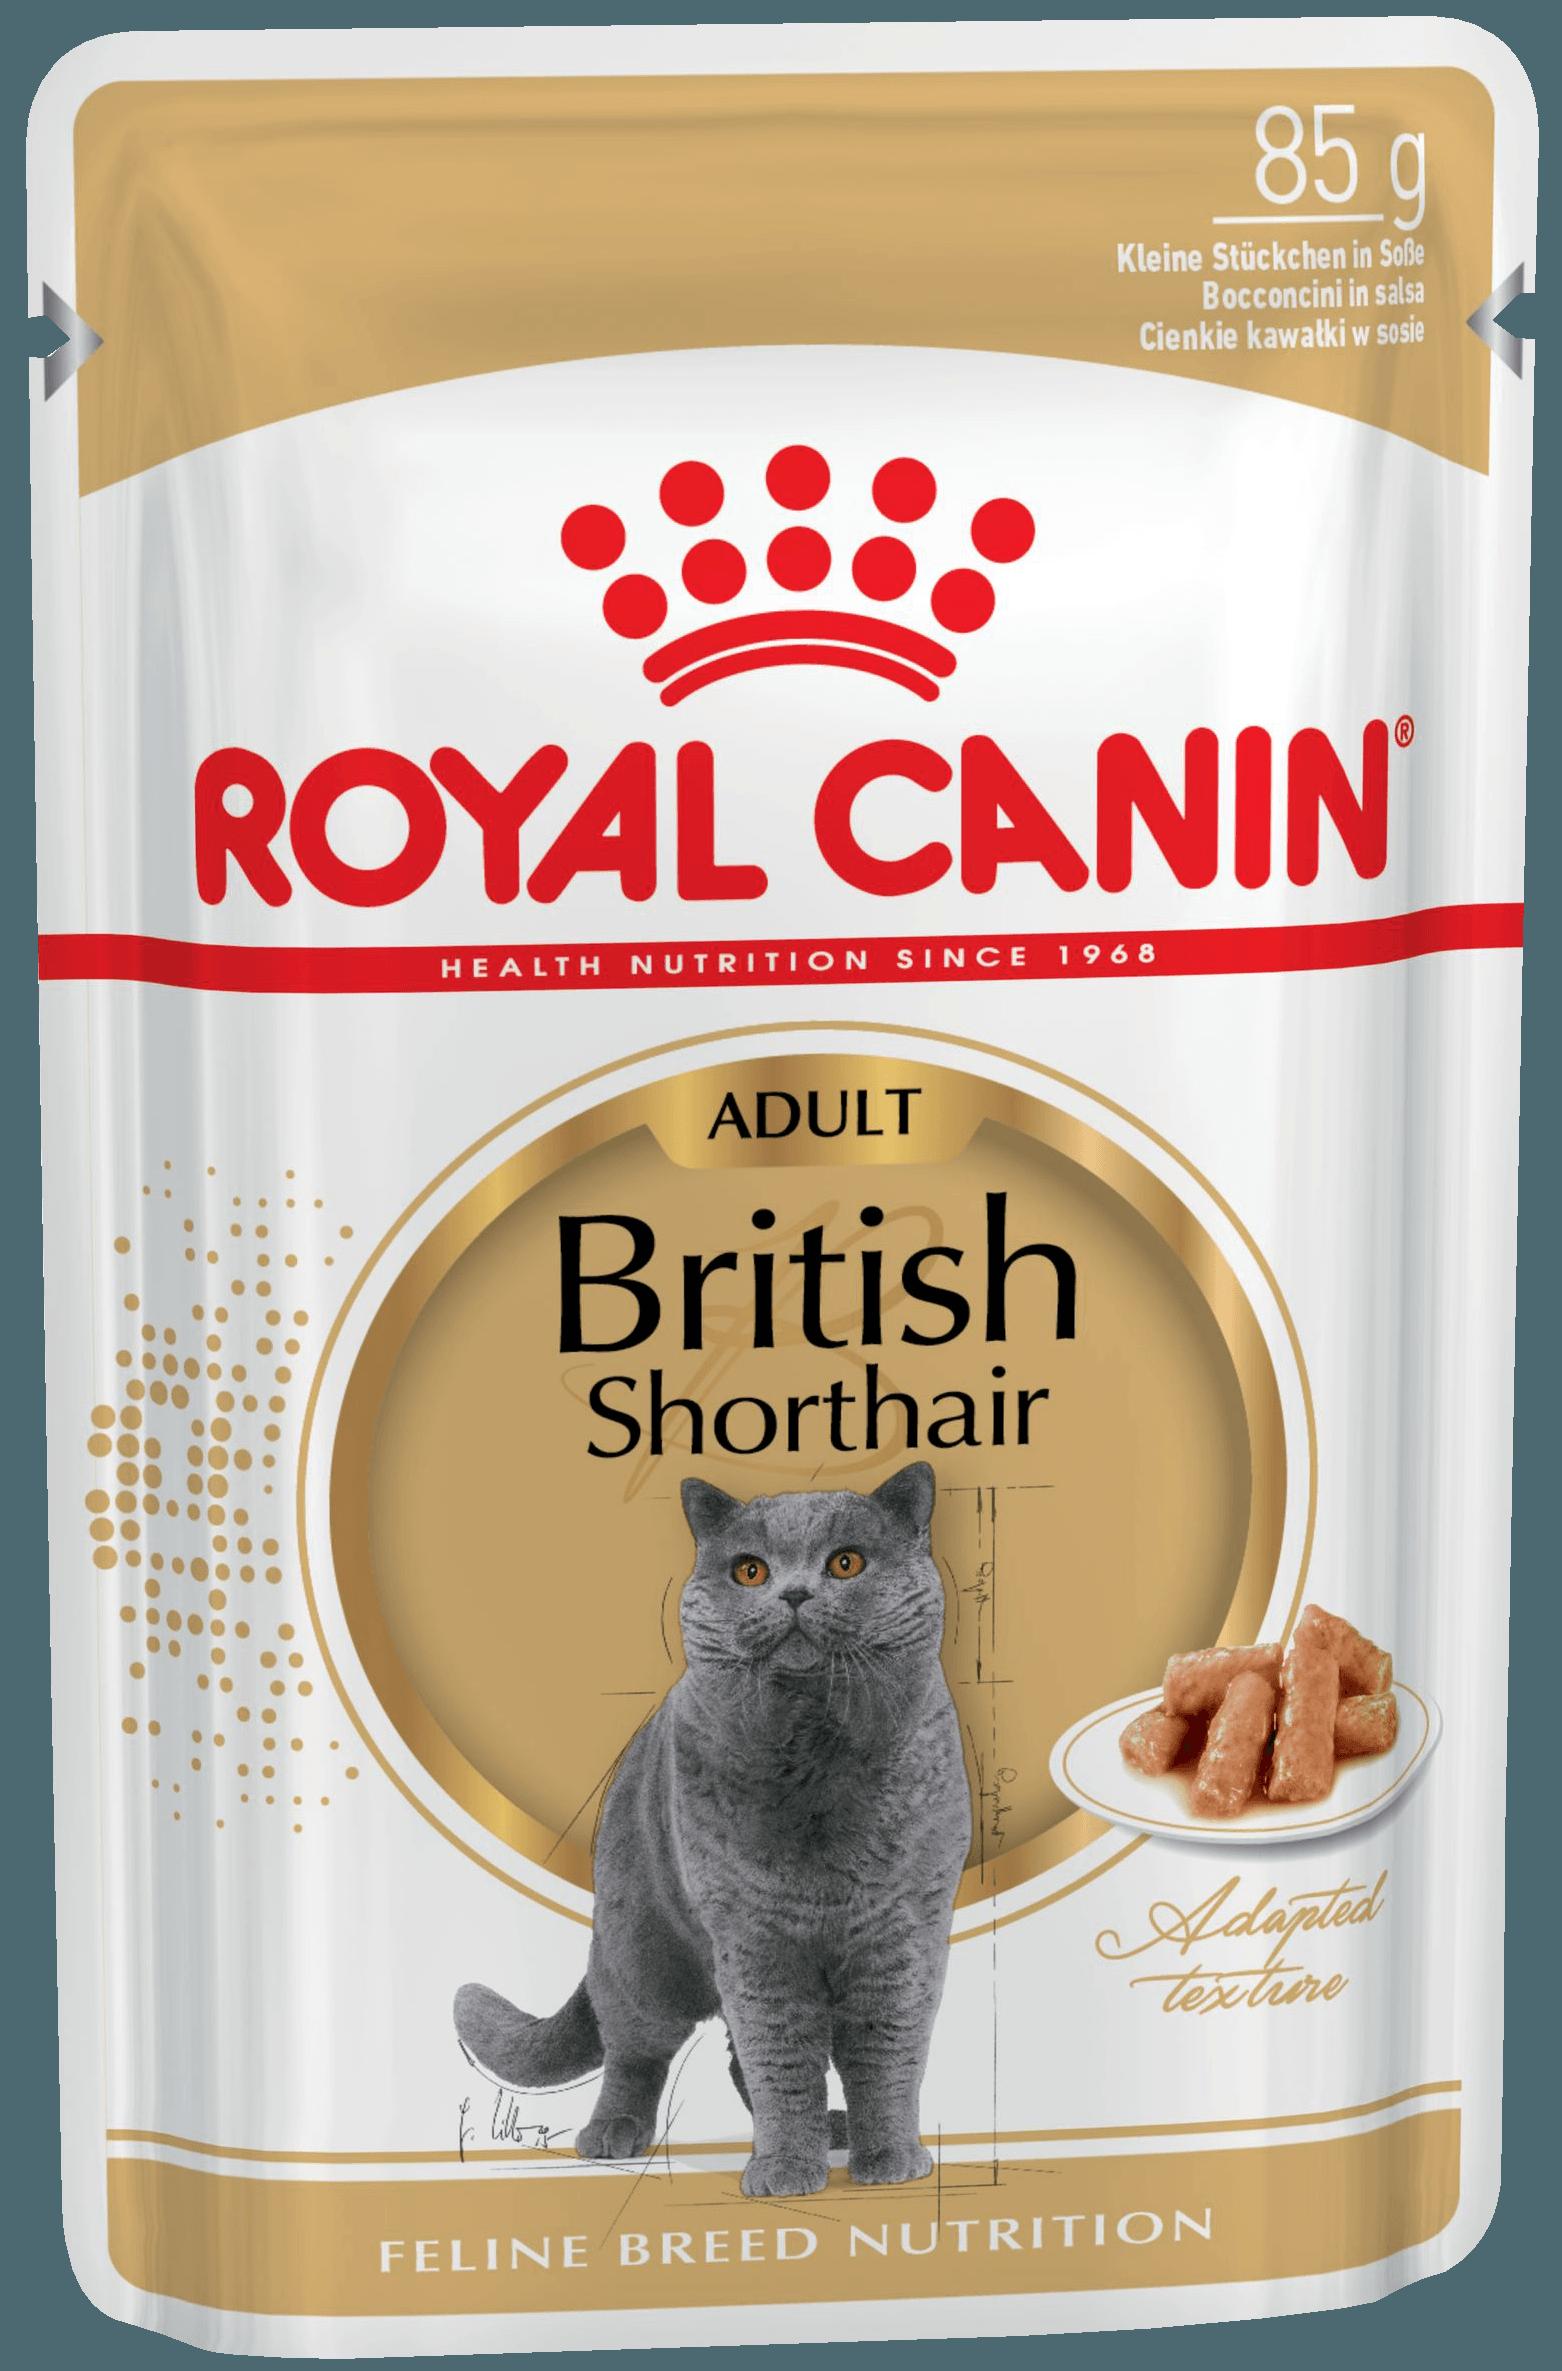 Royal Canin для британских короткошерстных кошек старше 12 месяцев